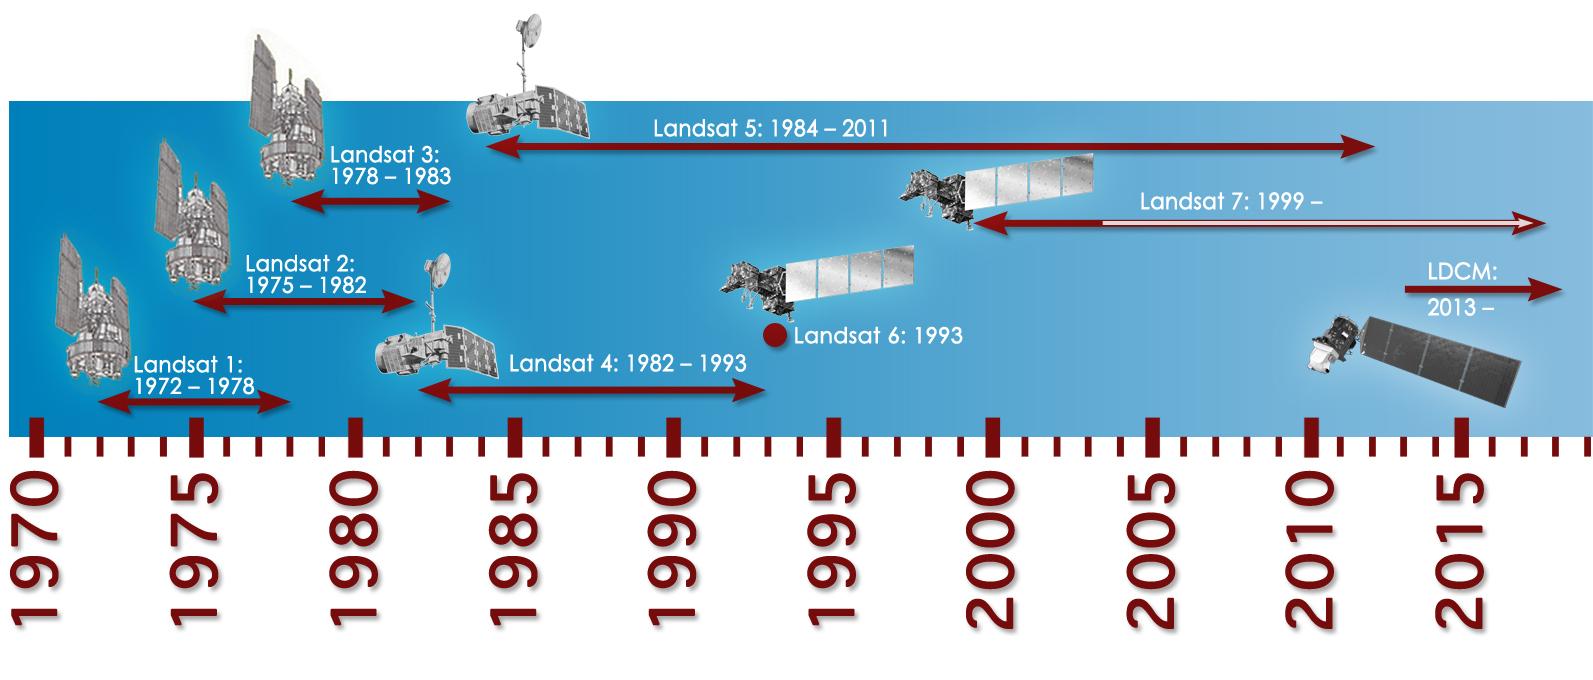 Landsat Mission Timeline